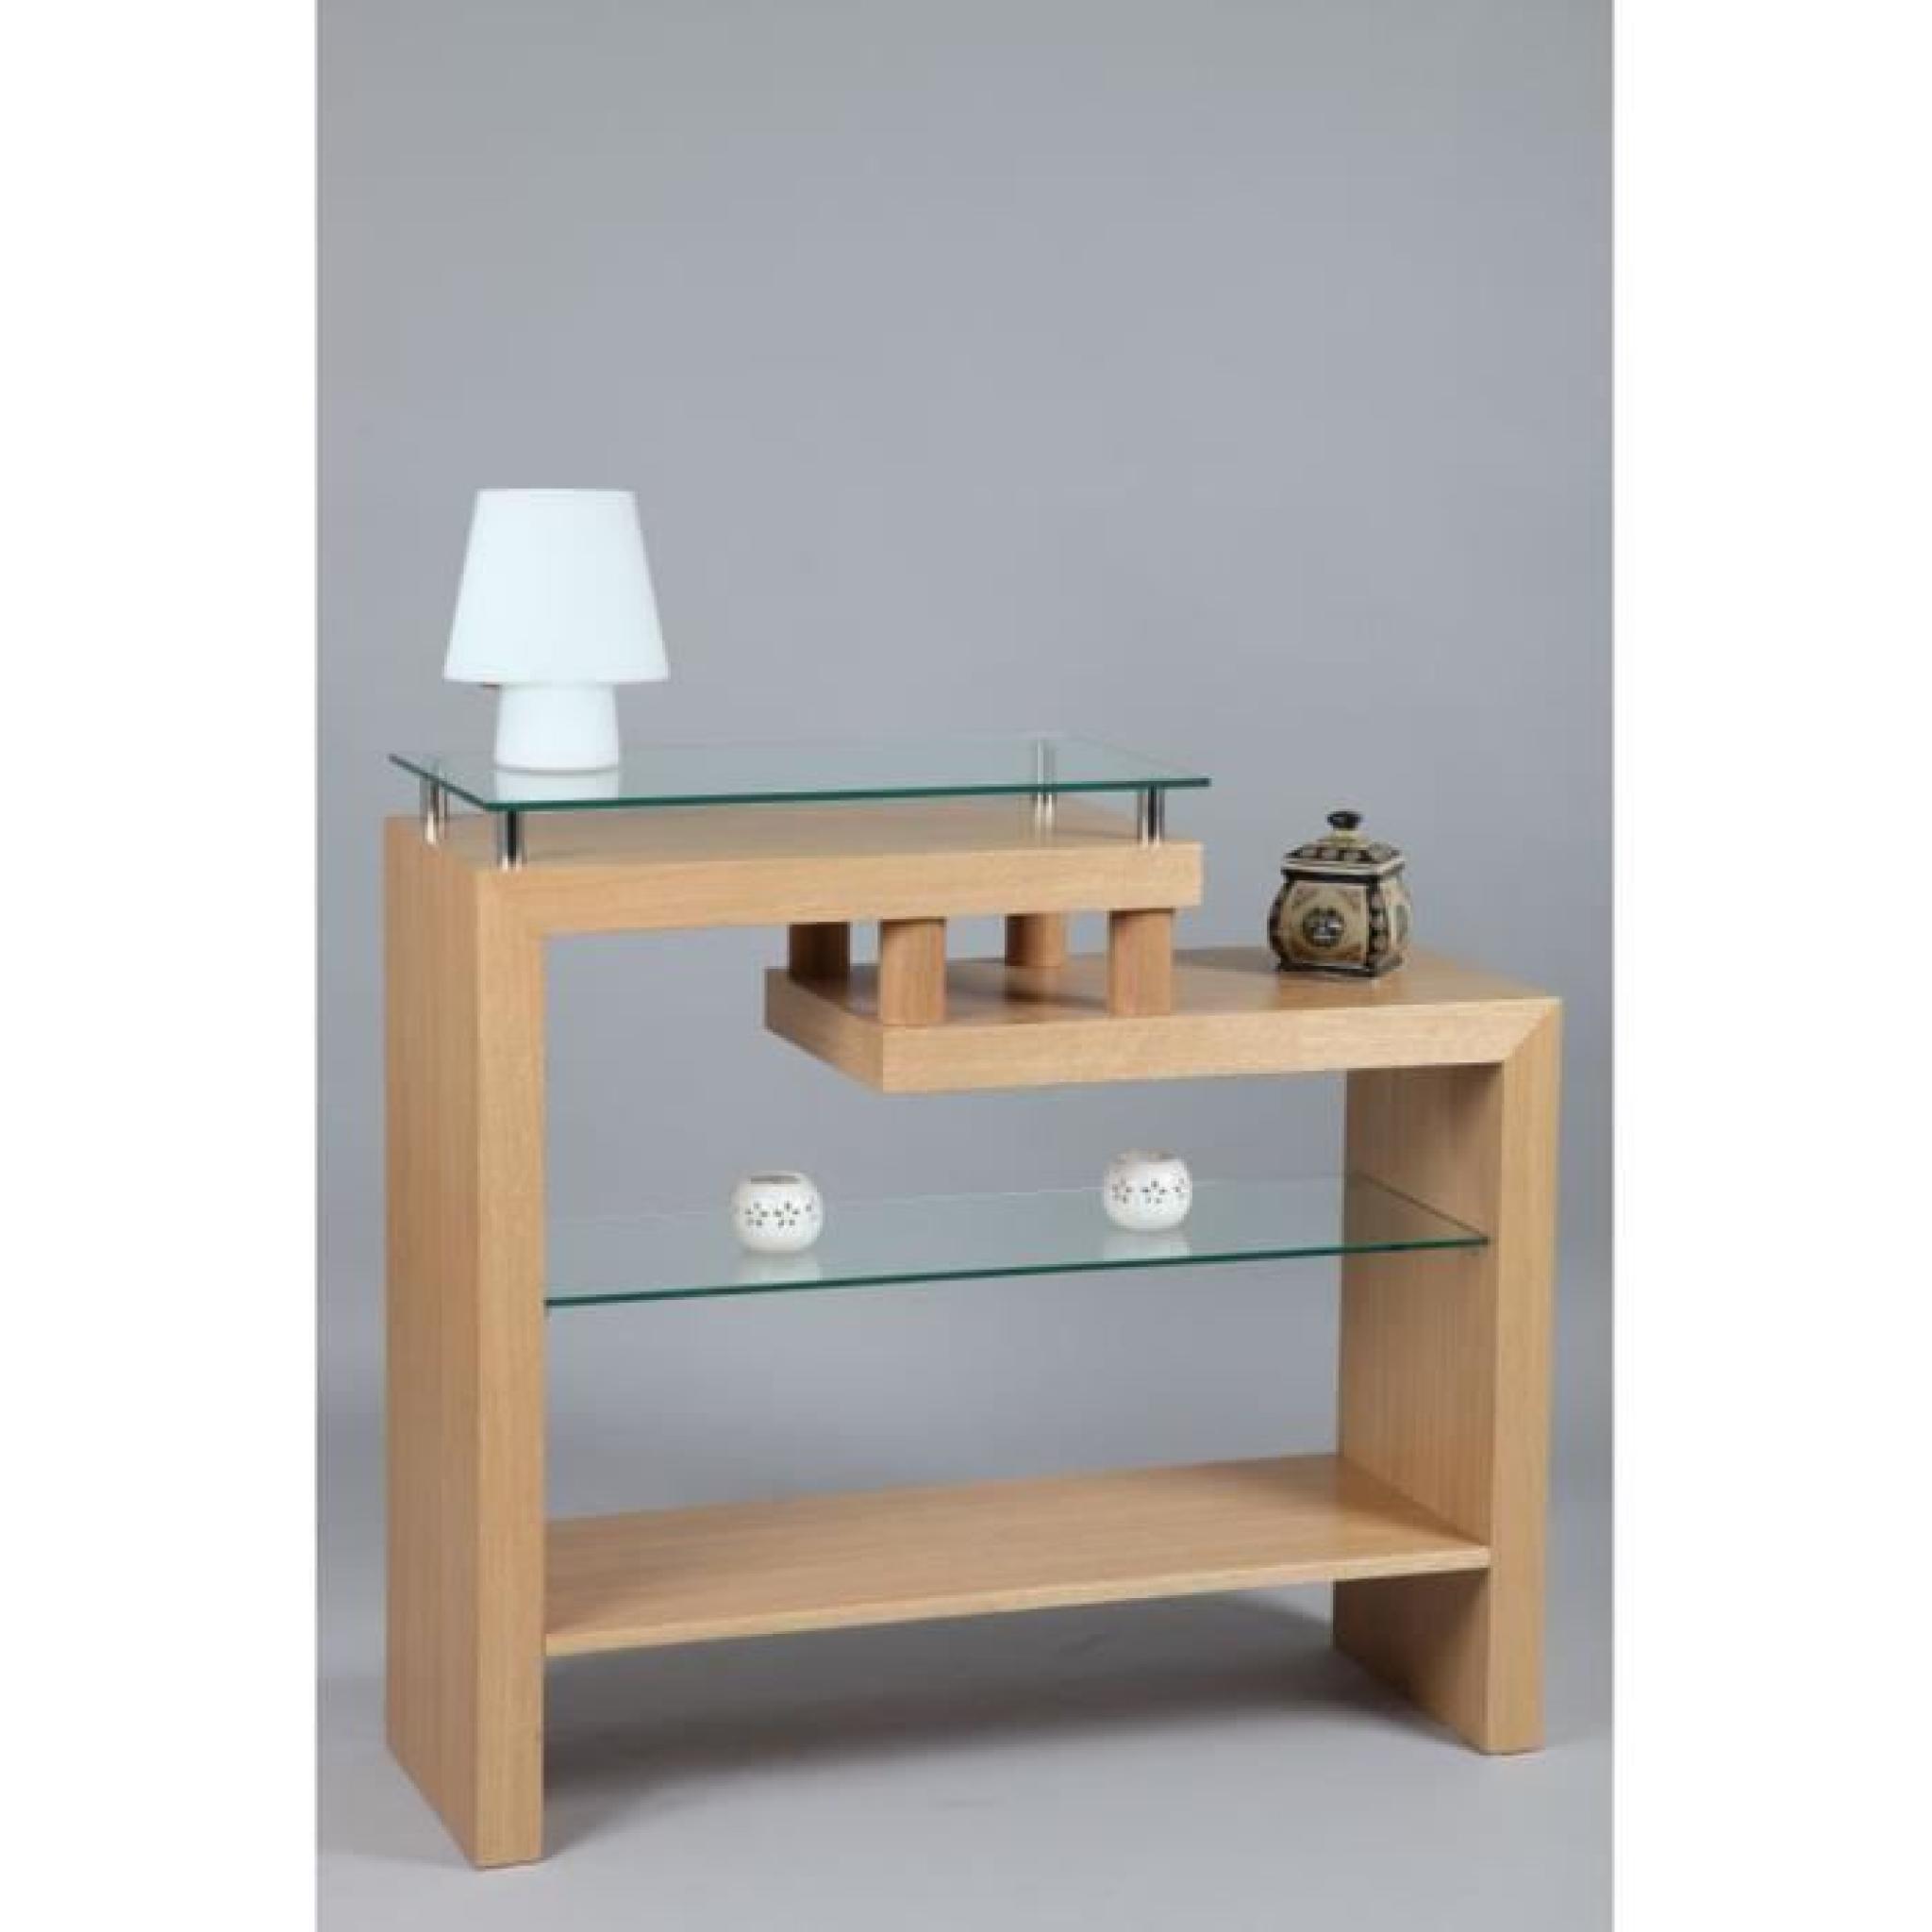 console d 39 entr e en plaqu de ch ne achat vente console. Black Bedroom Furniture Sets. Home Design Ideas